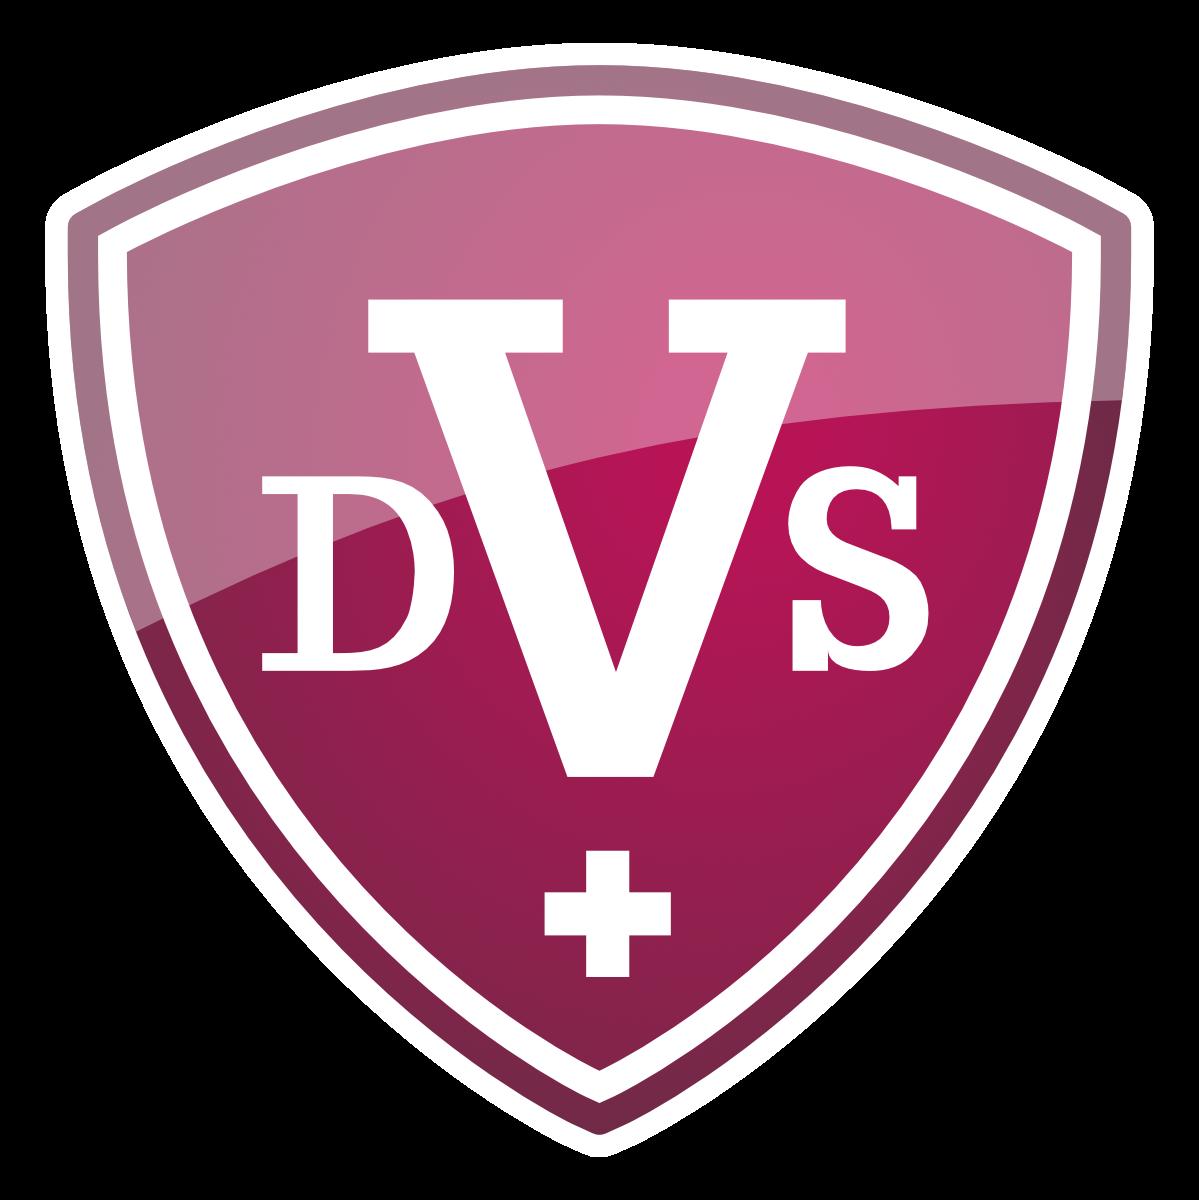 dvs-sicherheitsdienst-gmbh-logo